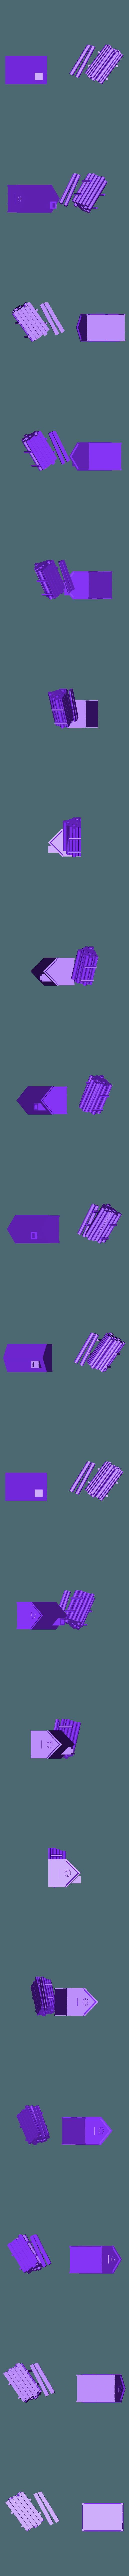 Catan_-_House.stl Télécharger fichier STL gratuit Jeu complet de carreaux Catan - Buse simple, multicouches multicolores • Objet pour impression 3D, Hardcore3D